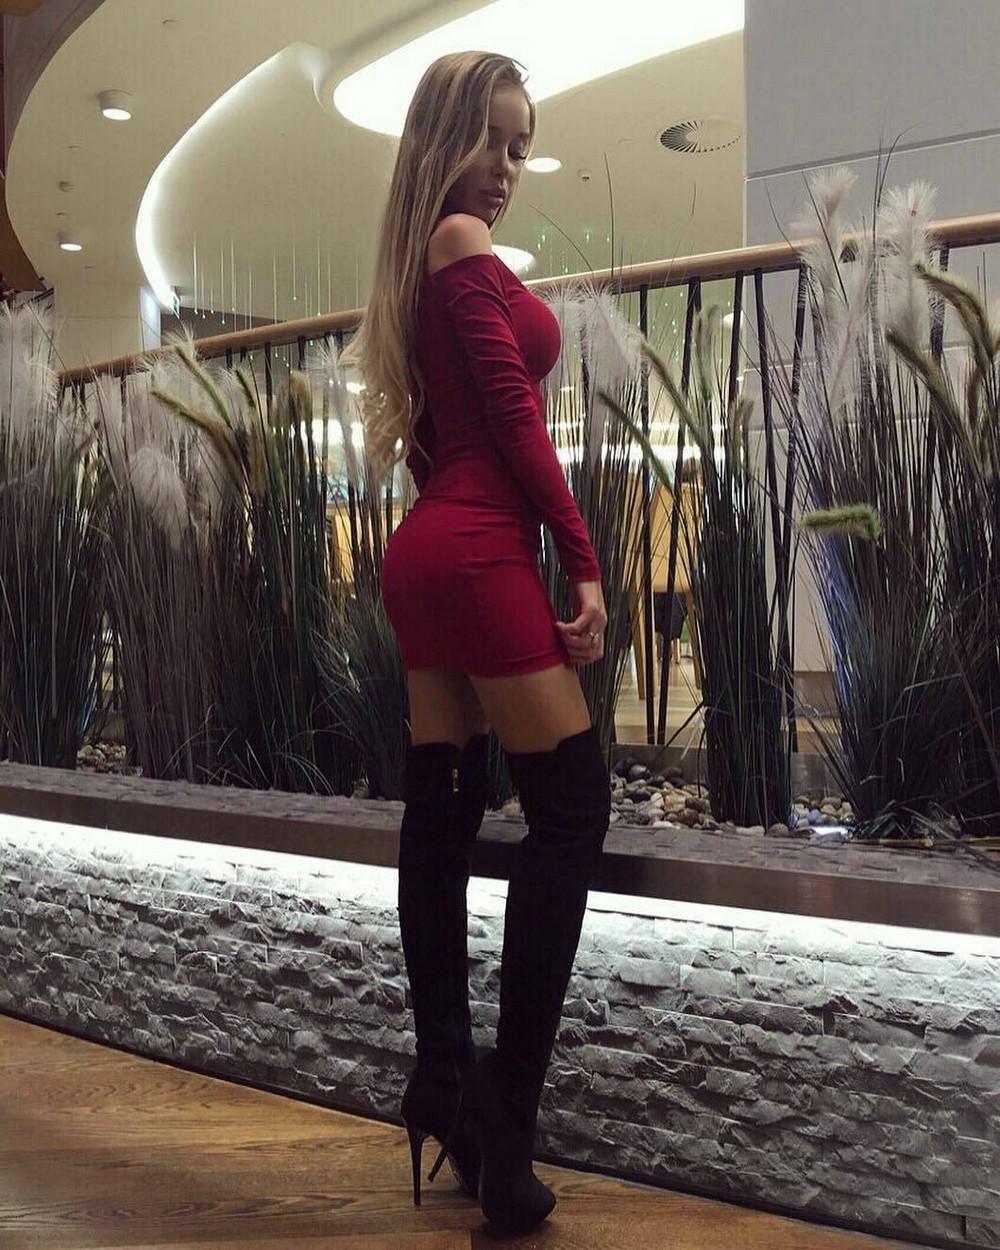 блондинка в коротком облегающем платье и в колготках притяжения взгляда